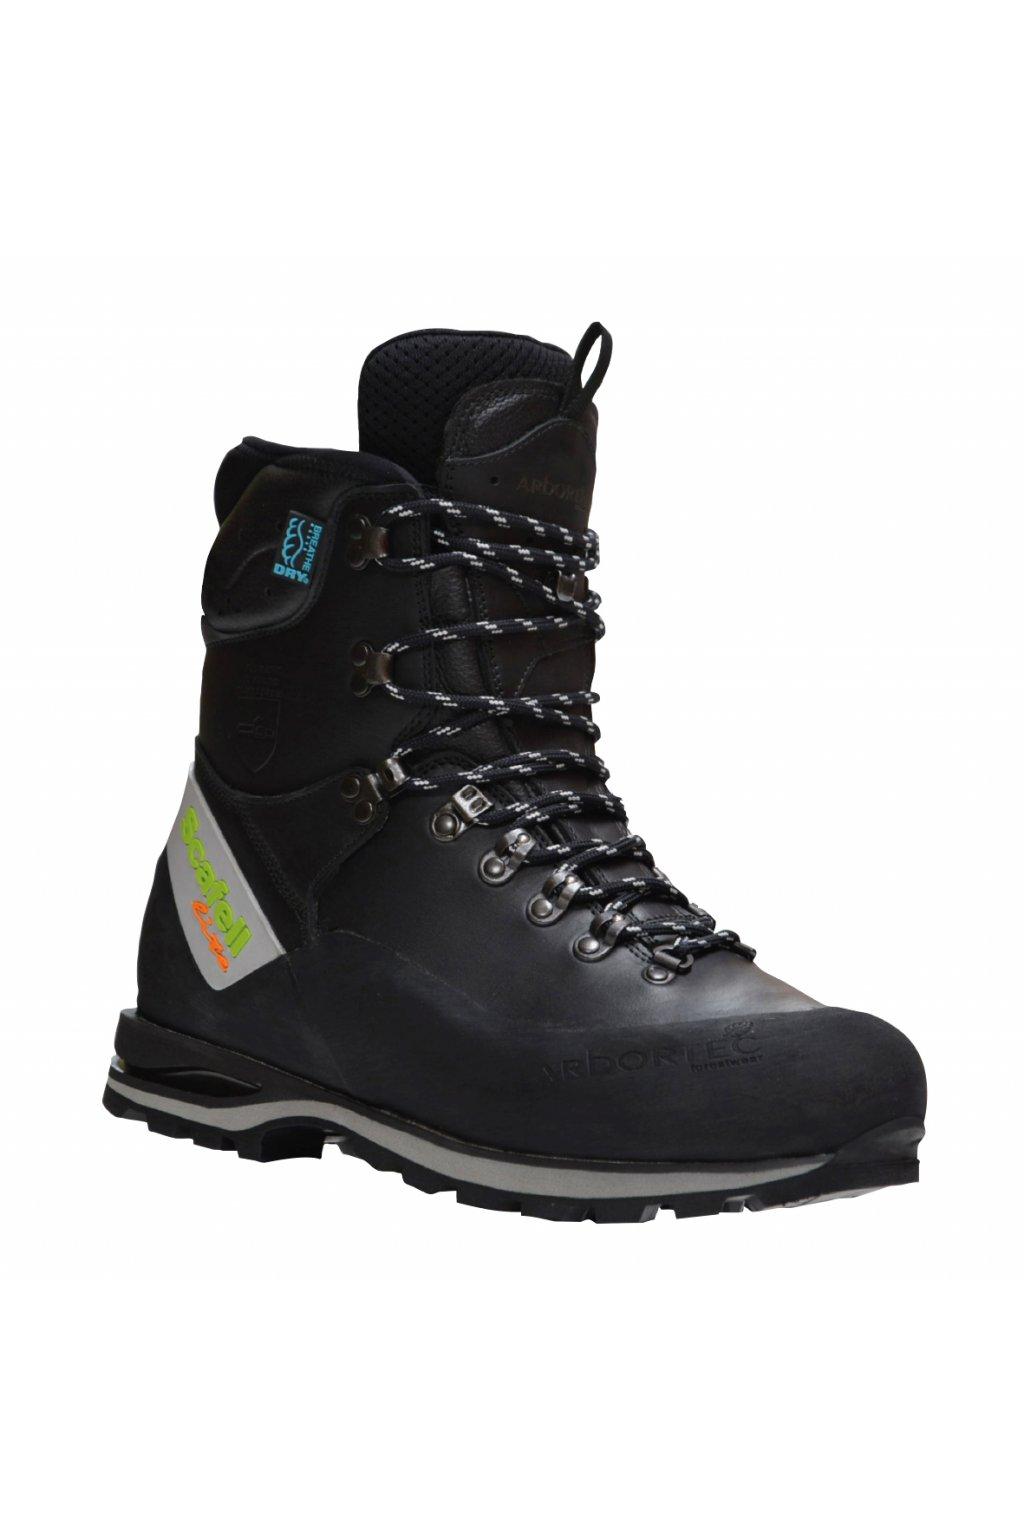 Protipořezová obuv Scafell Lite Class 2 černá + dárek